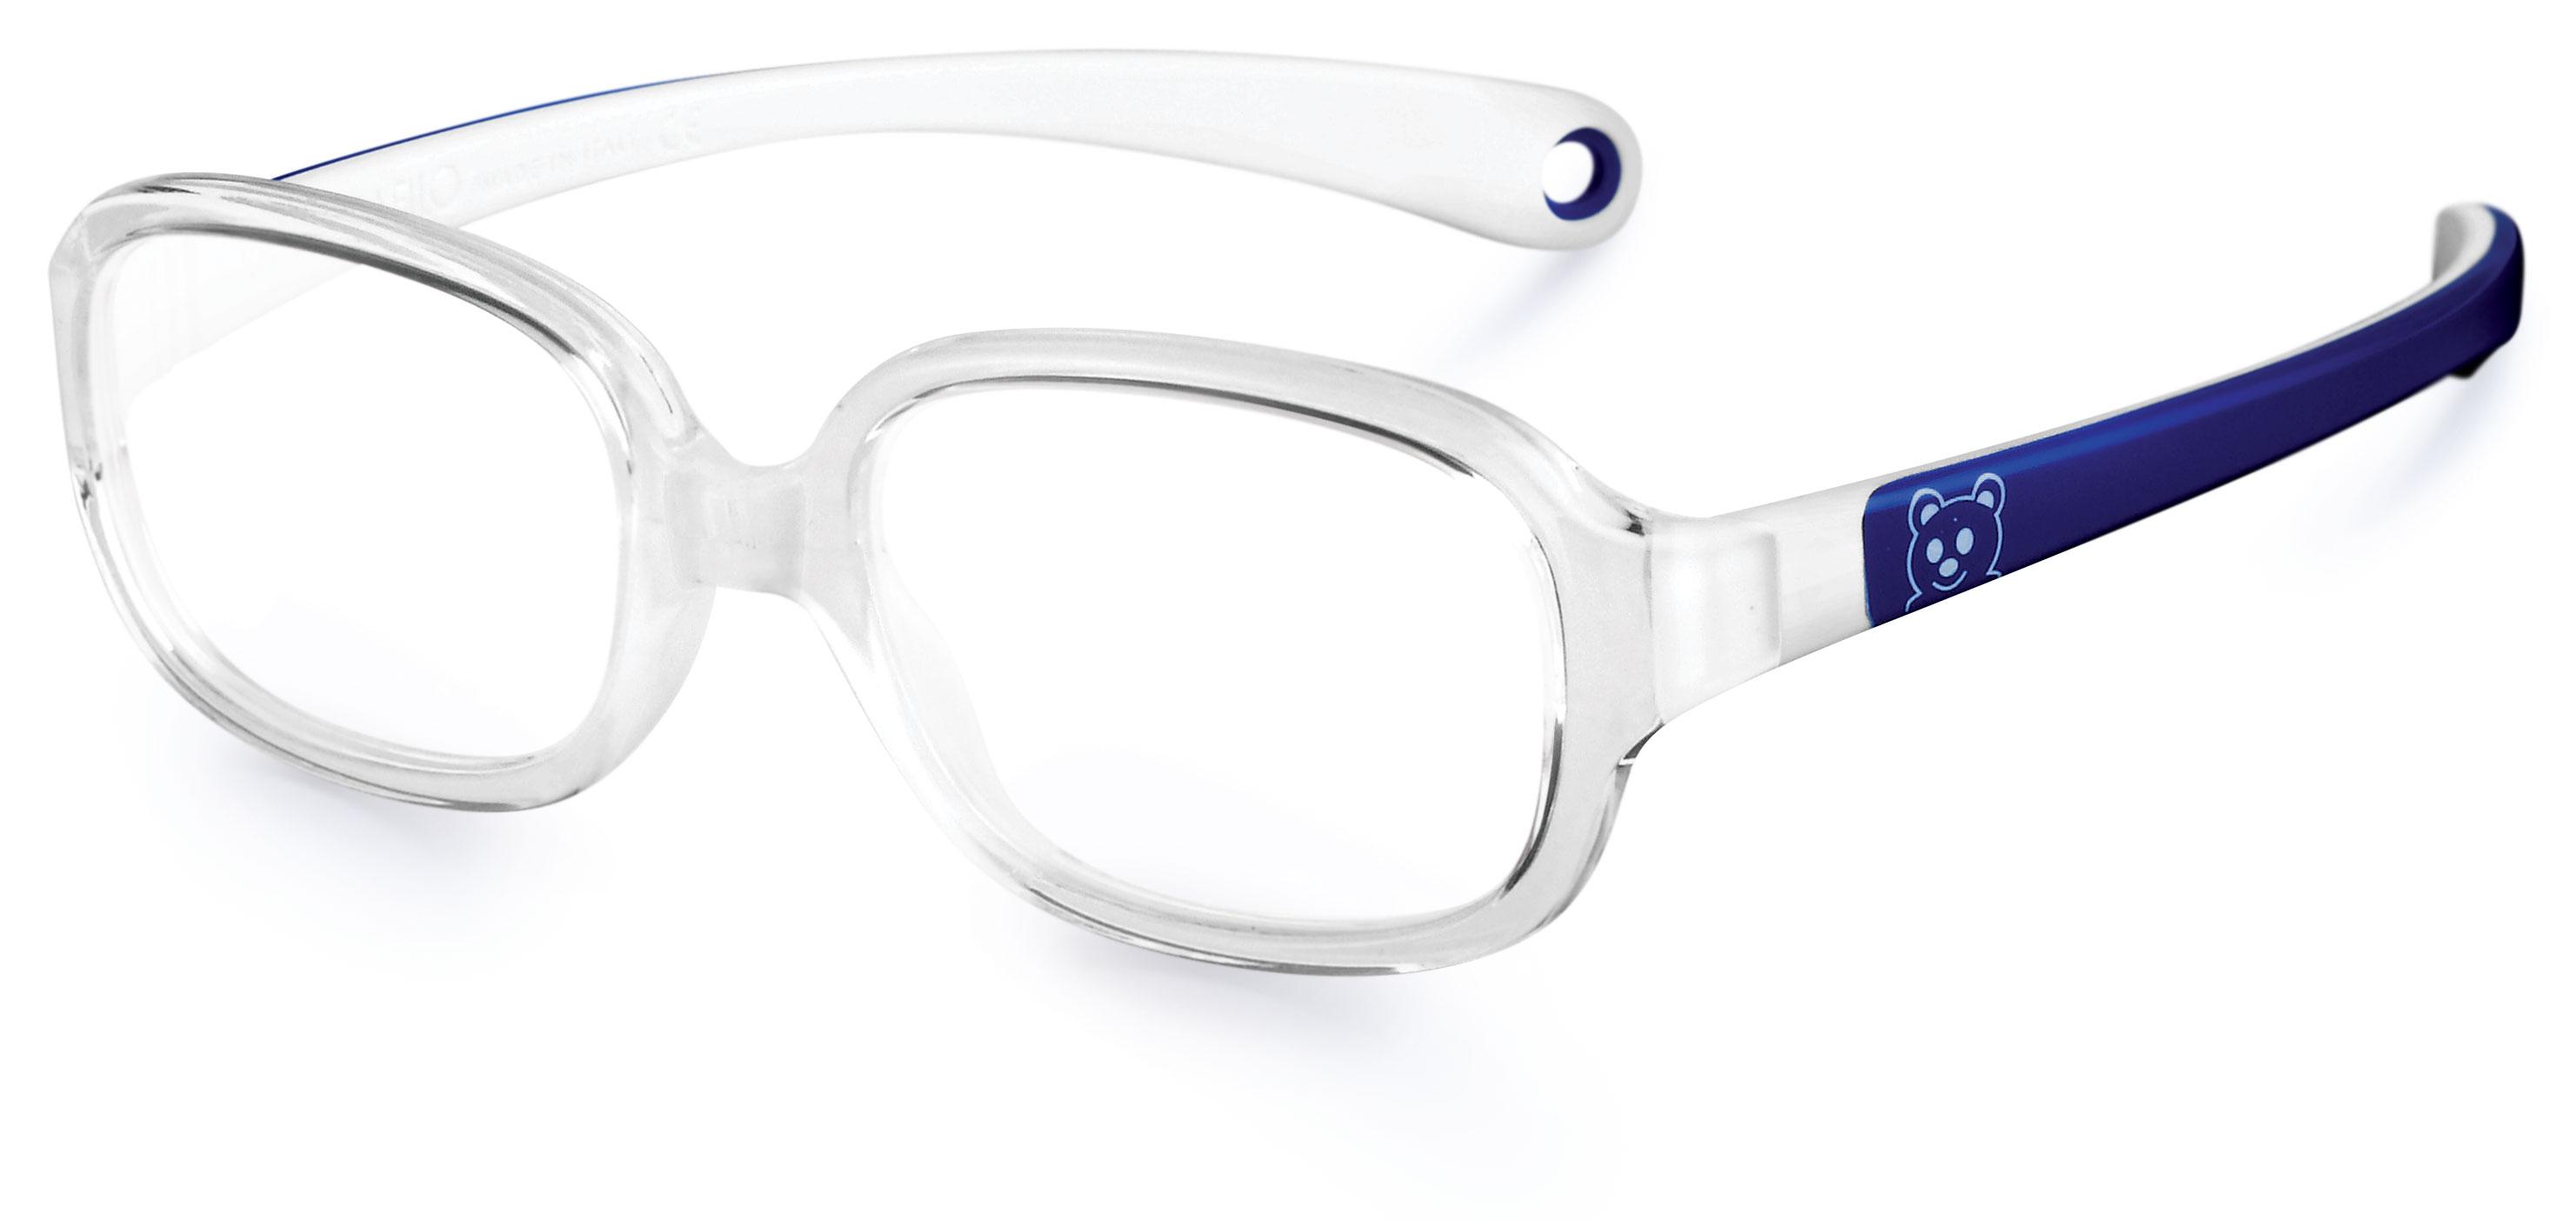 Eyewear: Kids Glasses